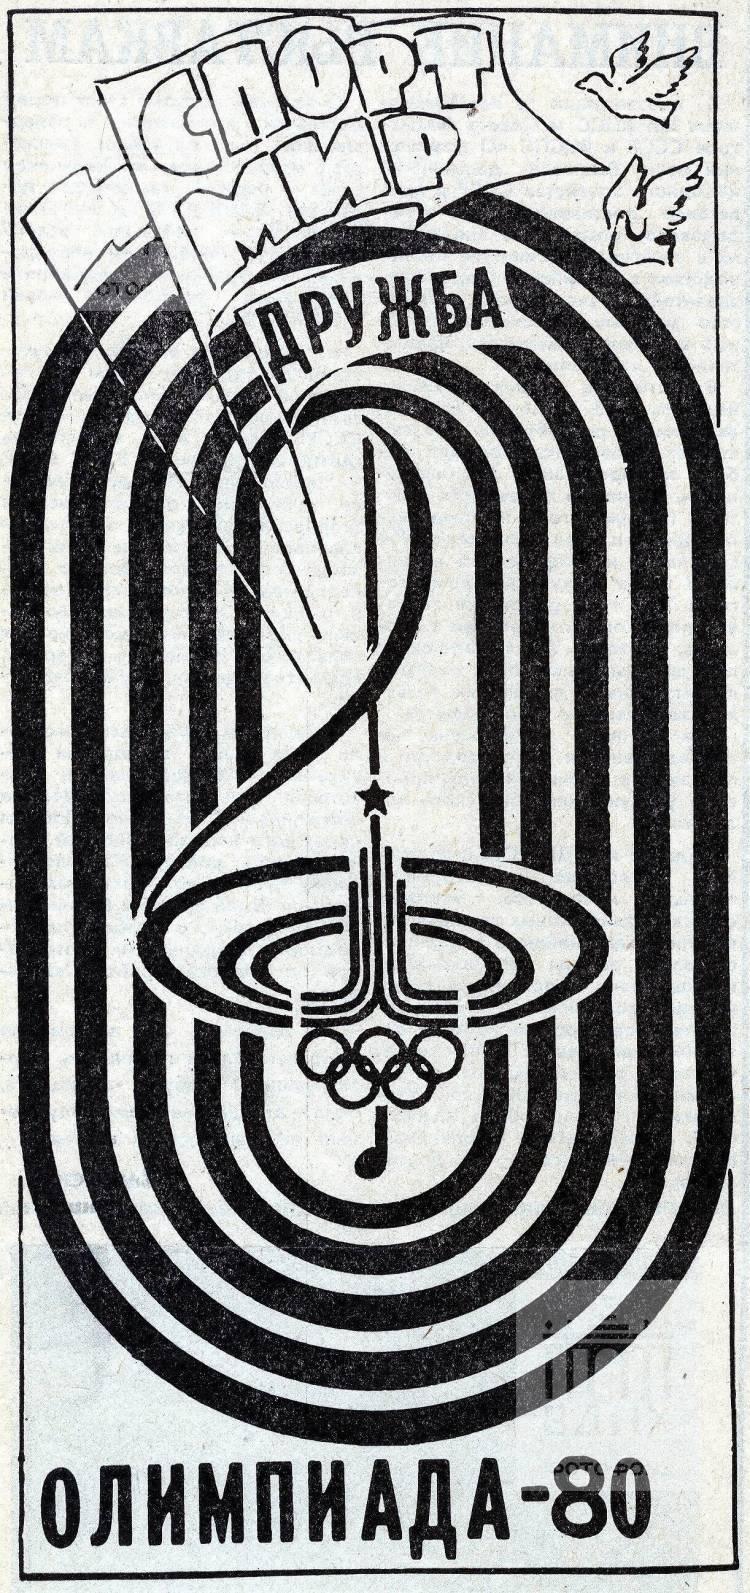 За передовой опыт. 1980, №52